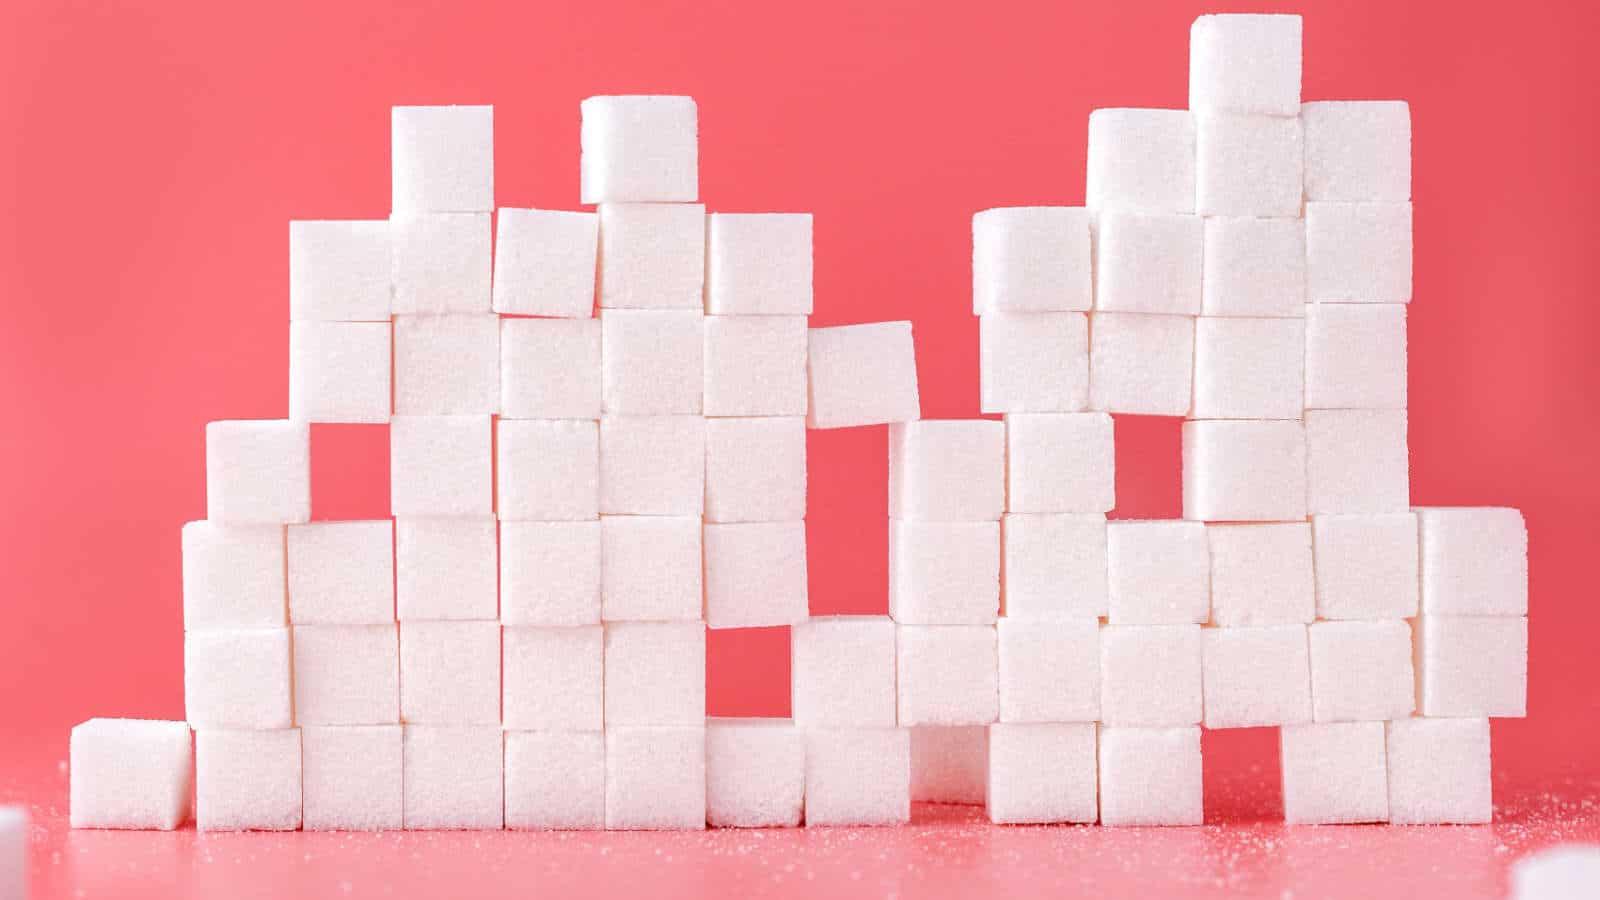 Zuckersucht bekämpfen- 13 Tipps, um die Zuckersucht zu überwinden